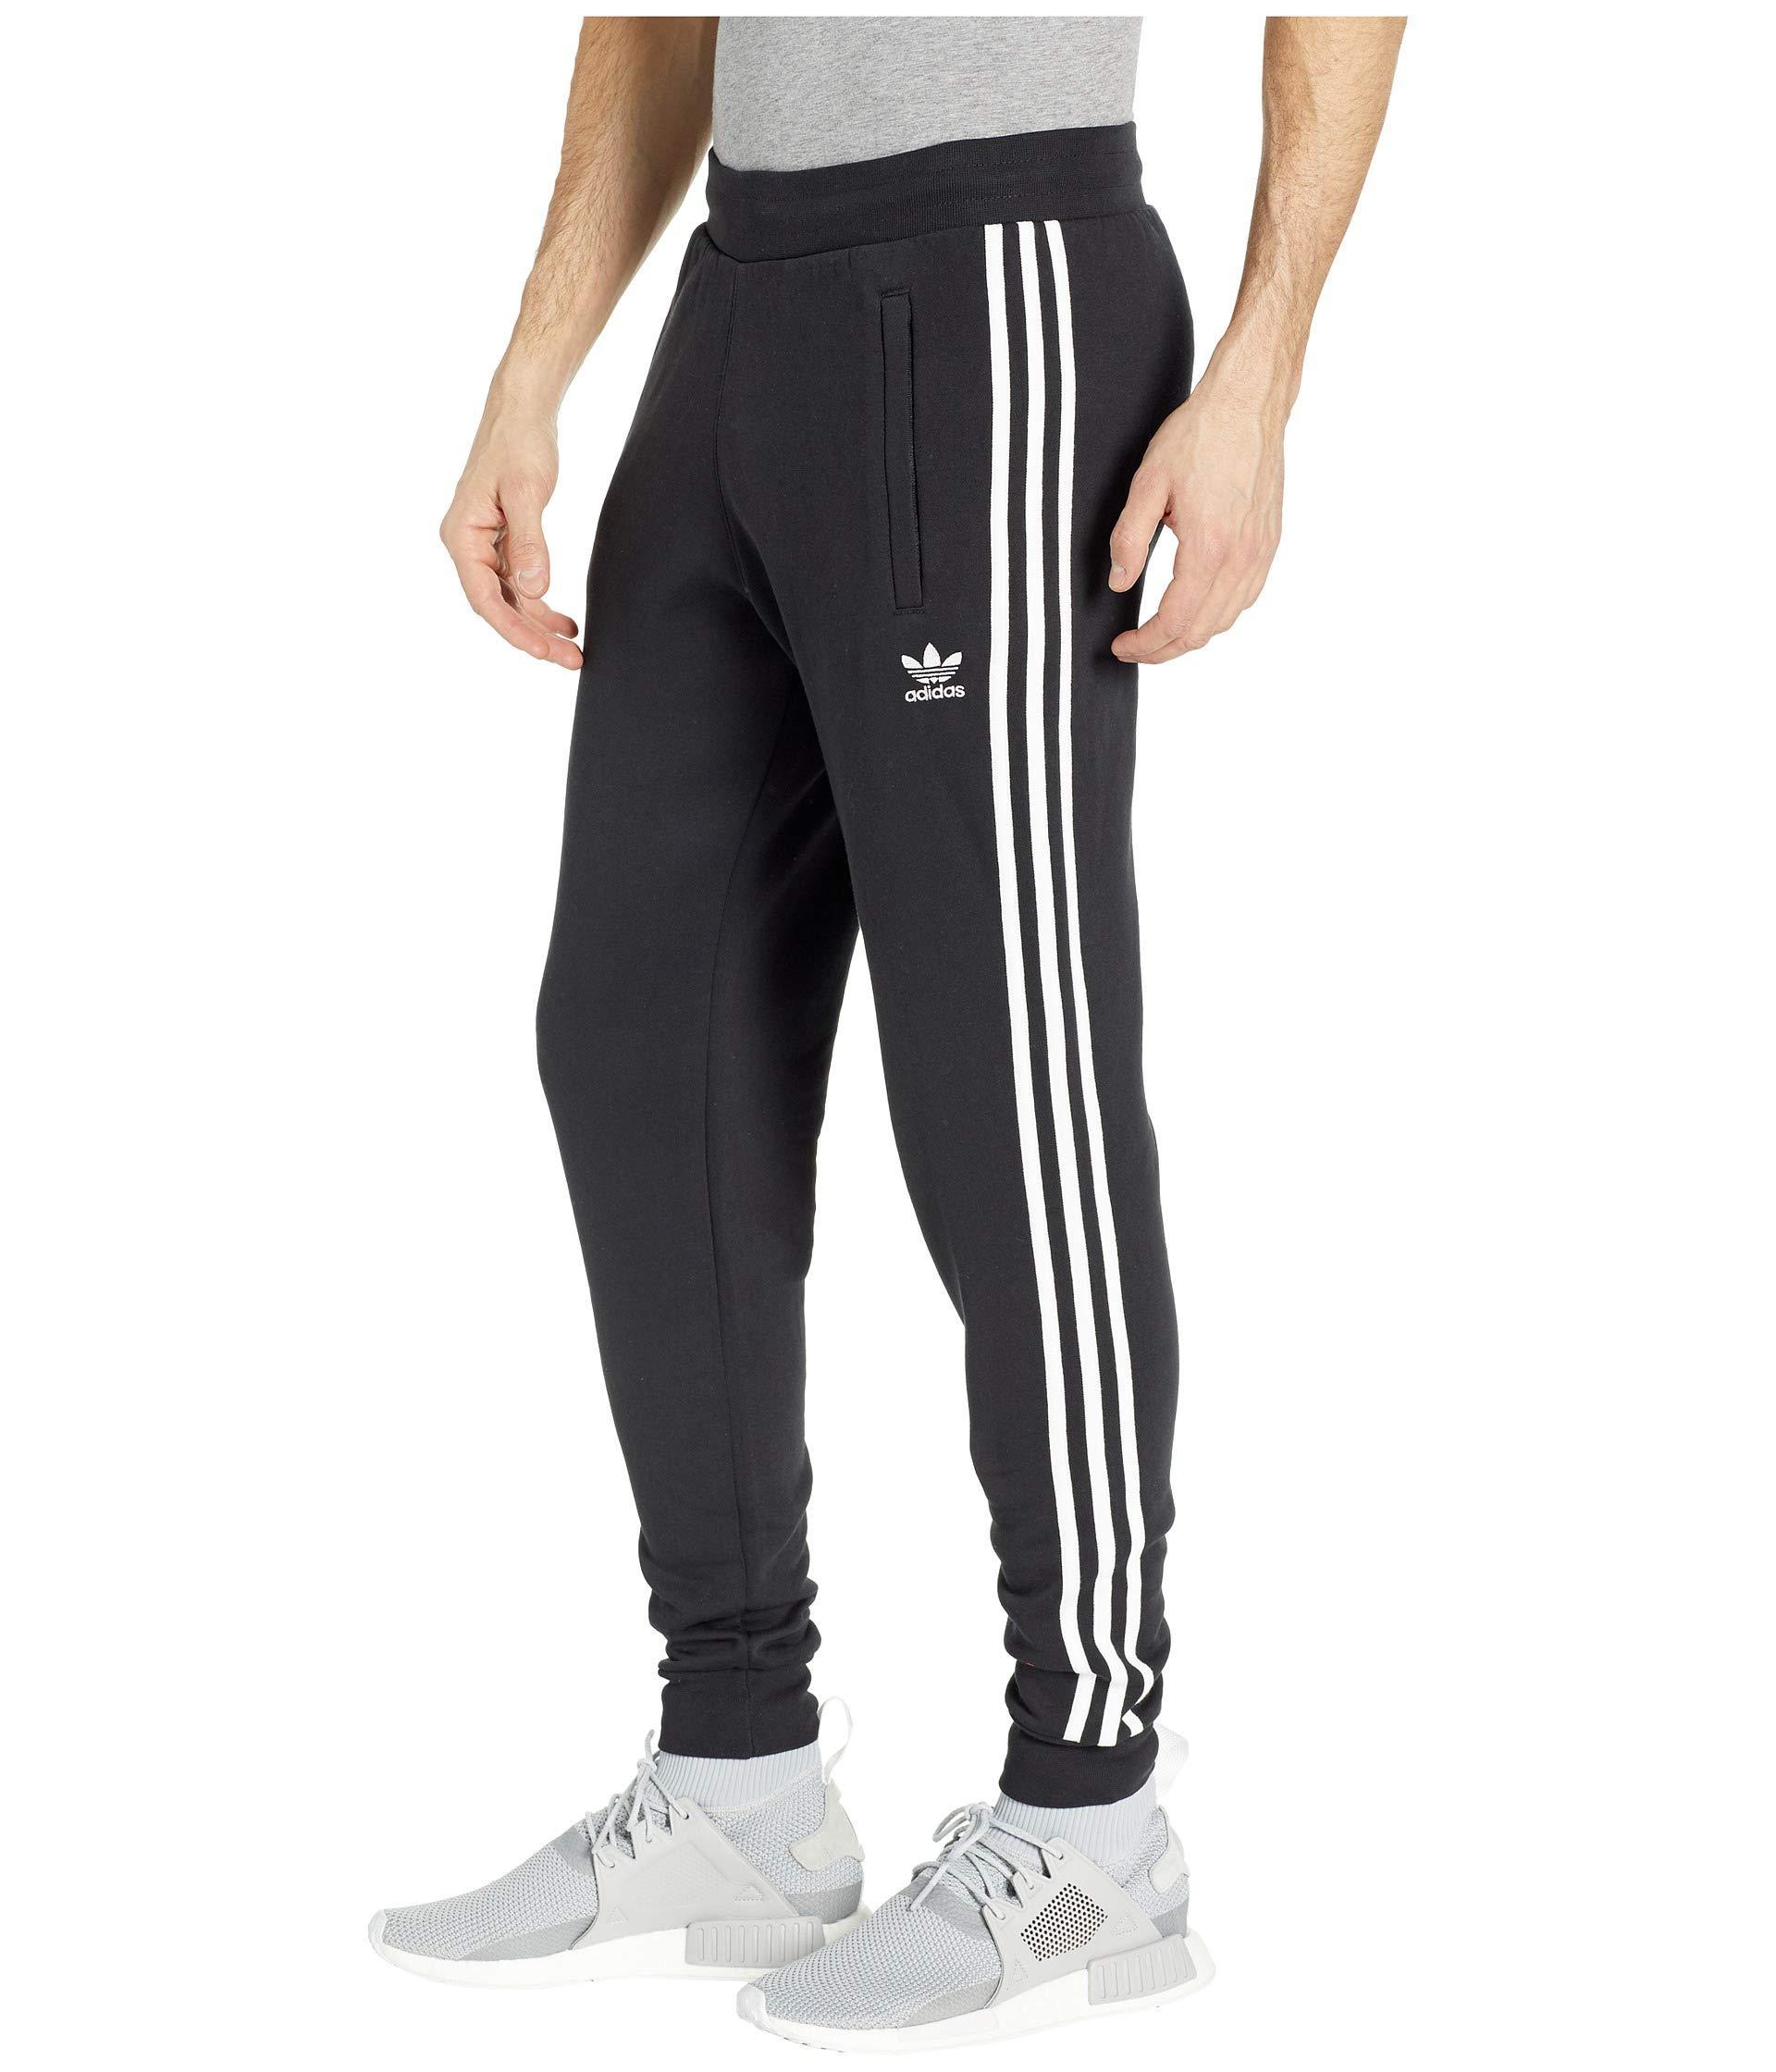 Lyst adidas Originals 3 stripes Pants (black 2) Men's